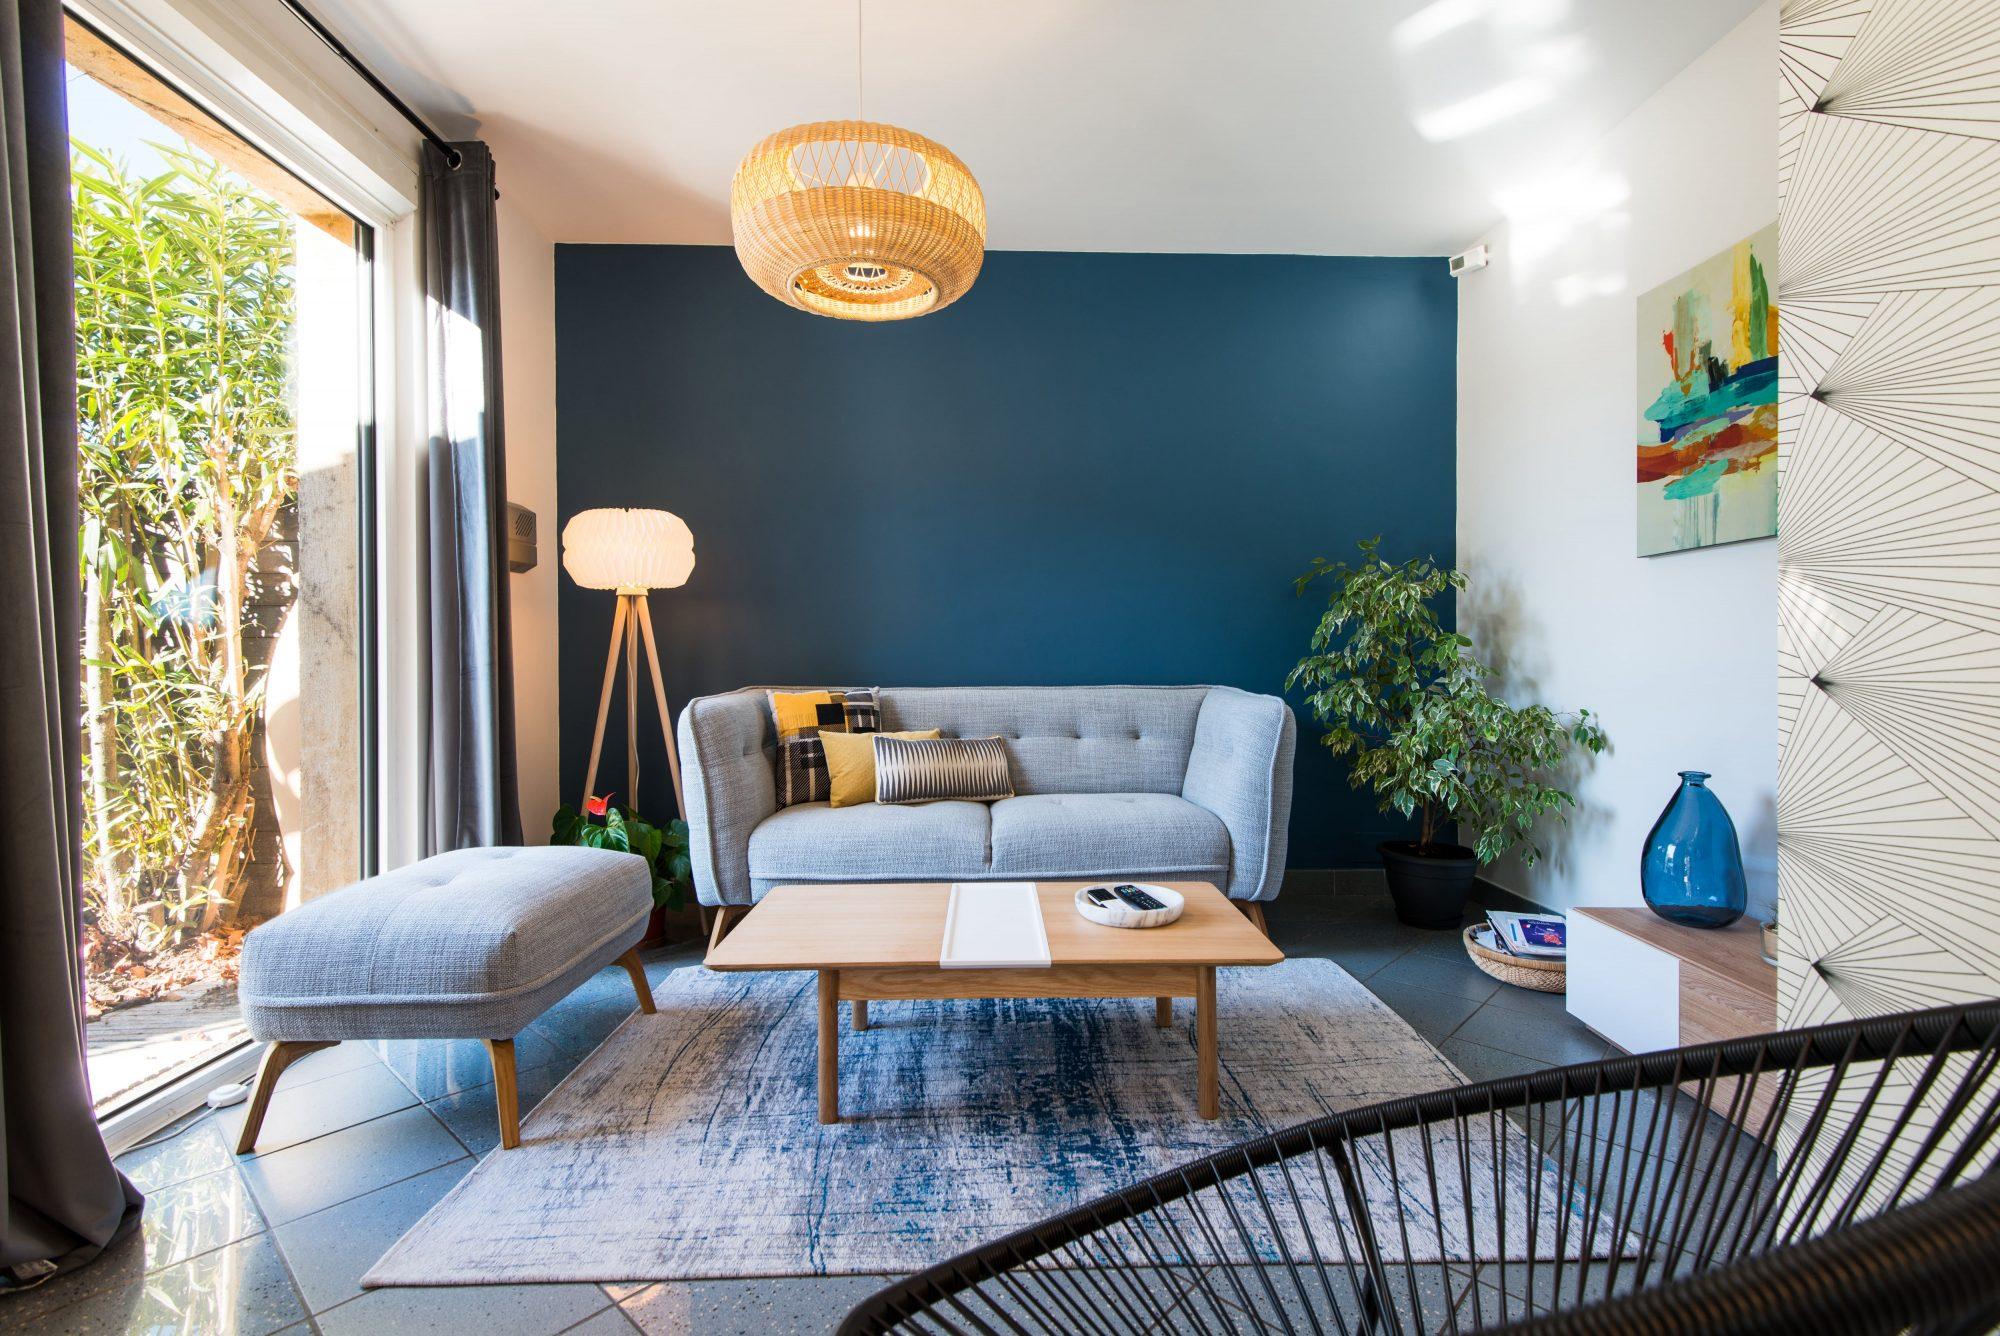 Nouveau salon, mur bleu, canapé gris